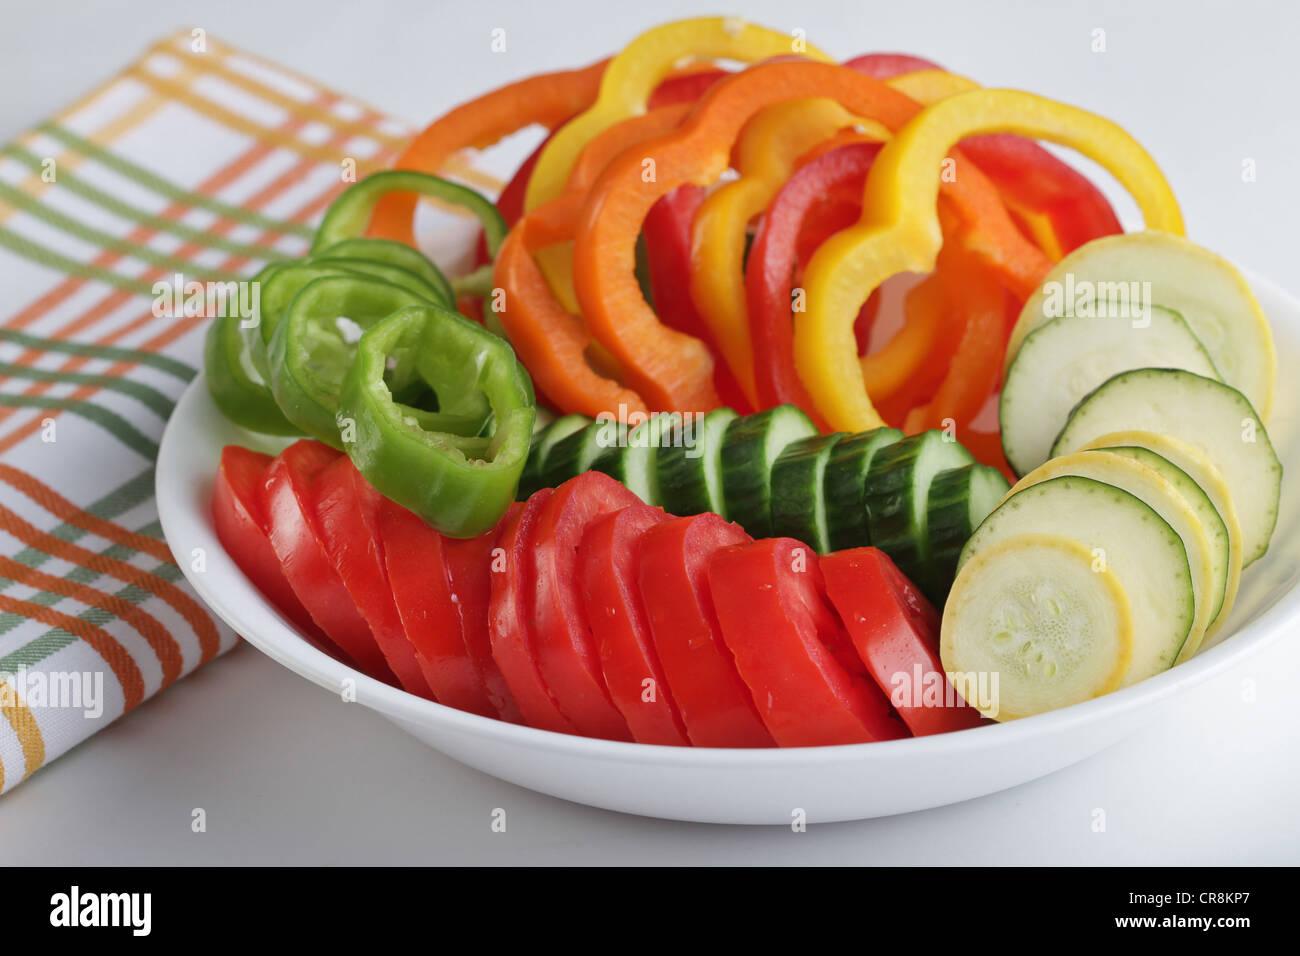 eine schale mit frischen geschnittenen gem se einschlie lich tomaten salat paprika gurken. Black Bedroom Furniture Sets. Home Design Ideas